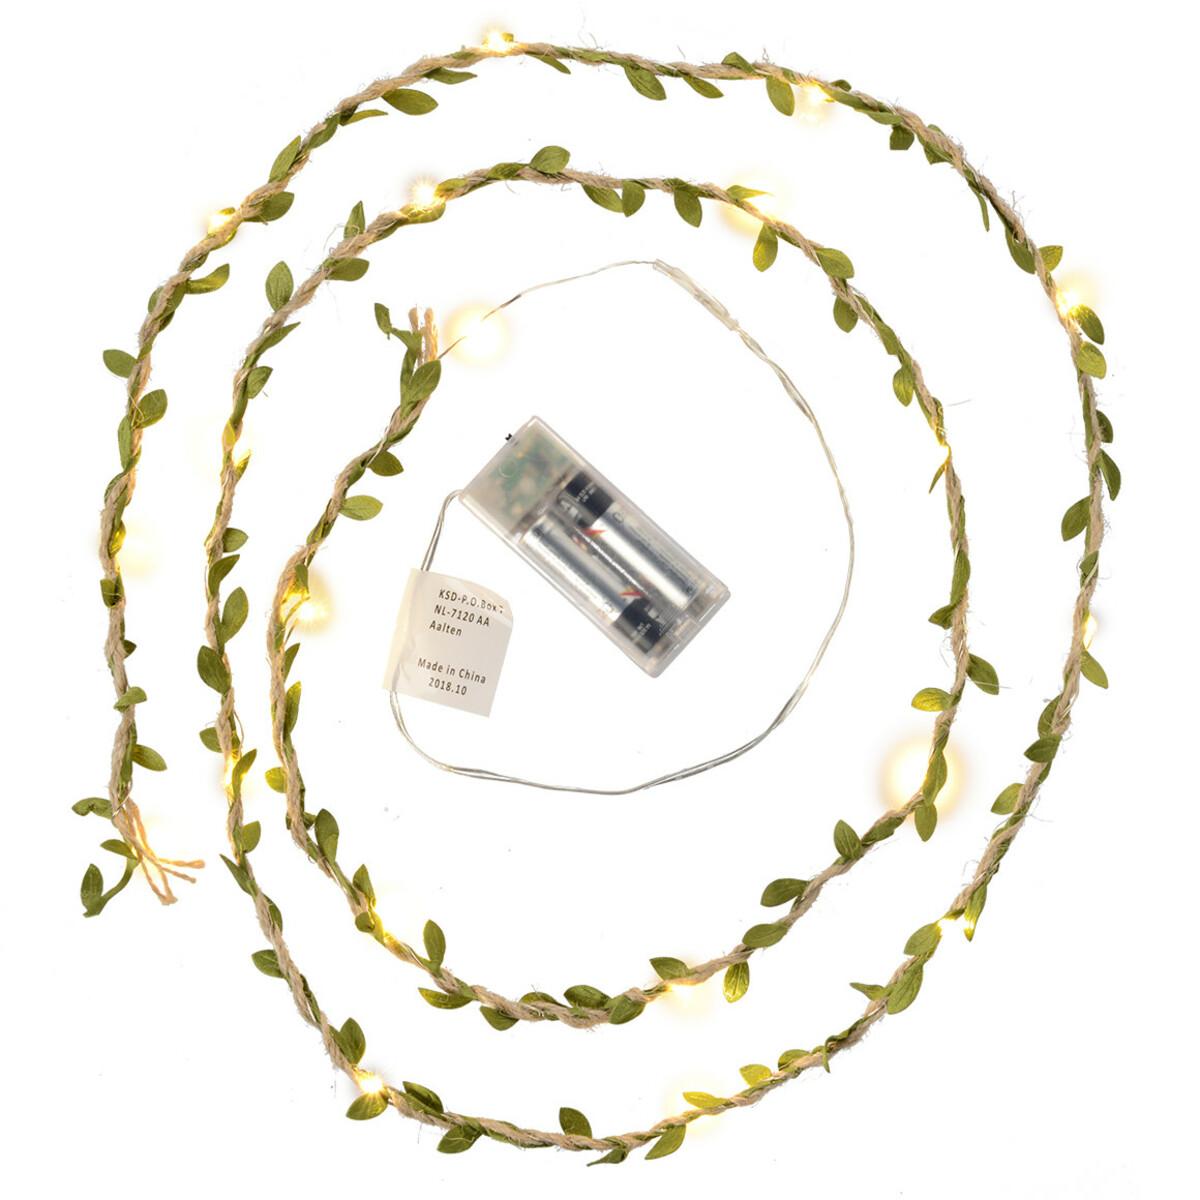 Bild 2 von LED-Lichterkette mit Deko-Blättern